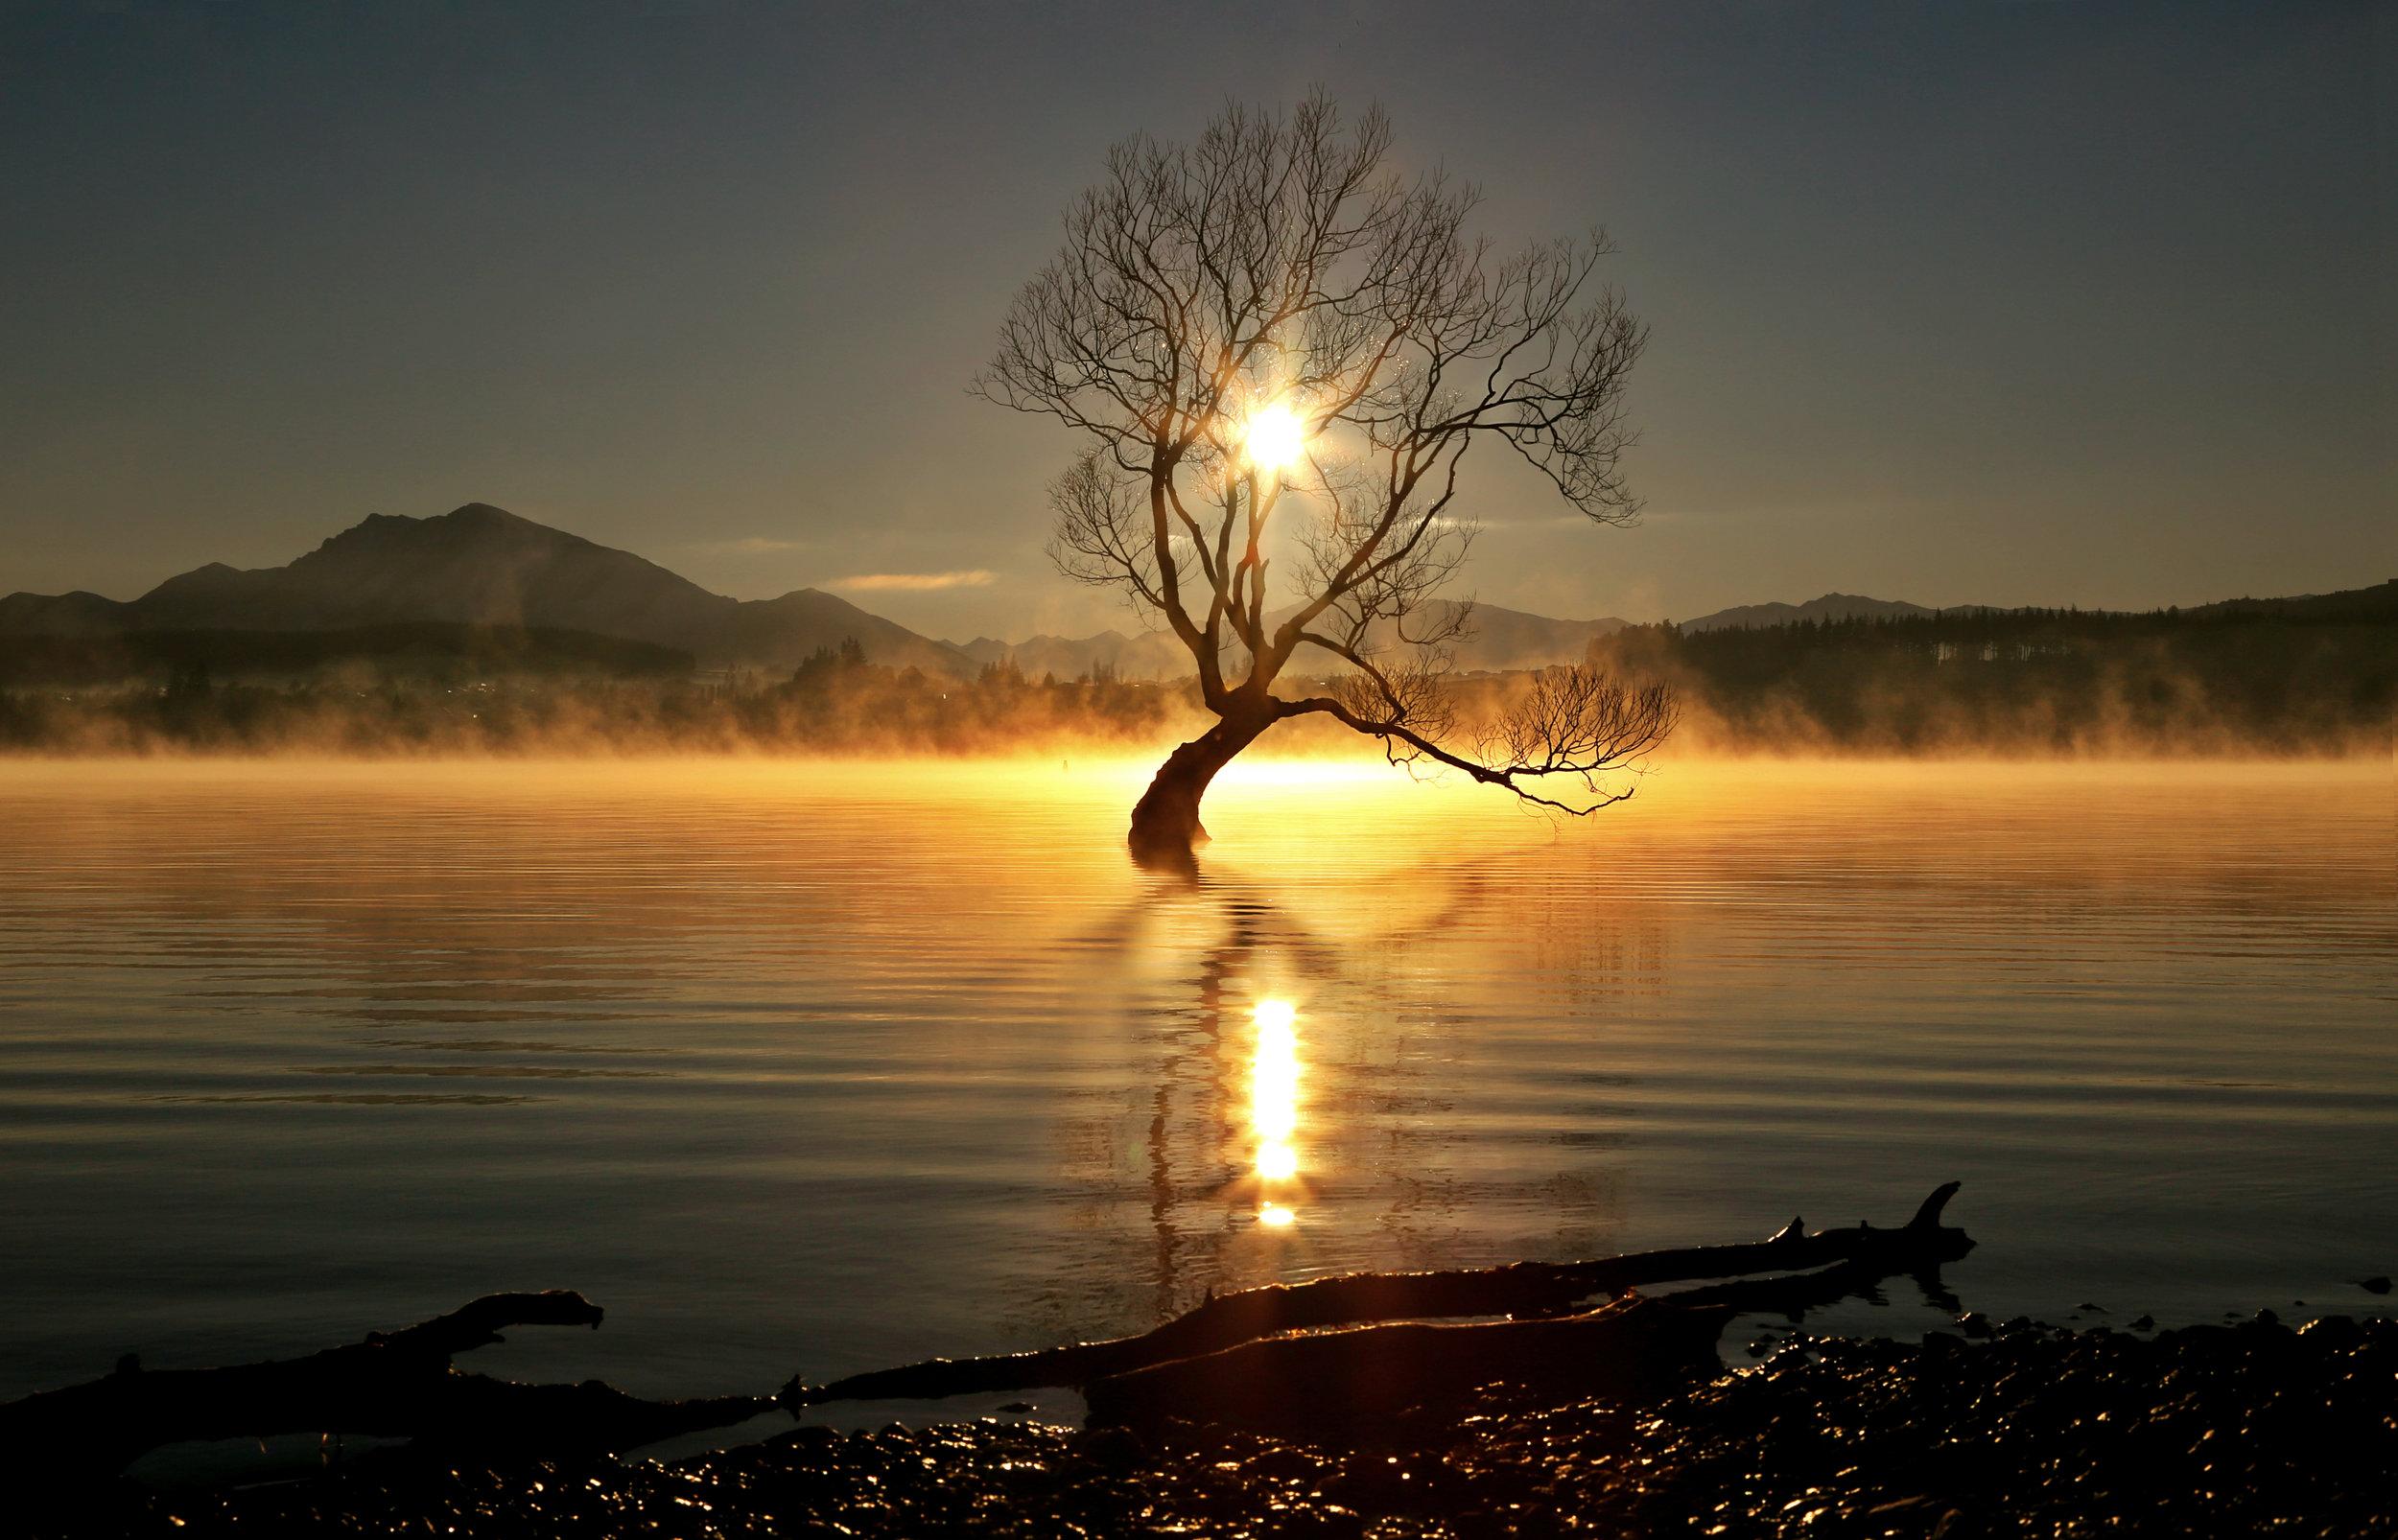 TREE AGAINFINAL 2.jpg